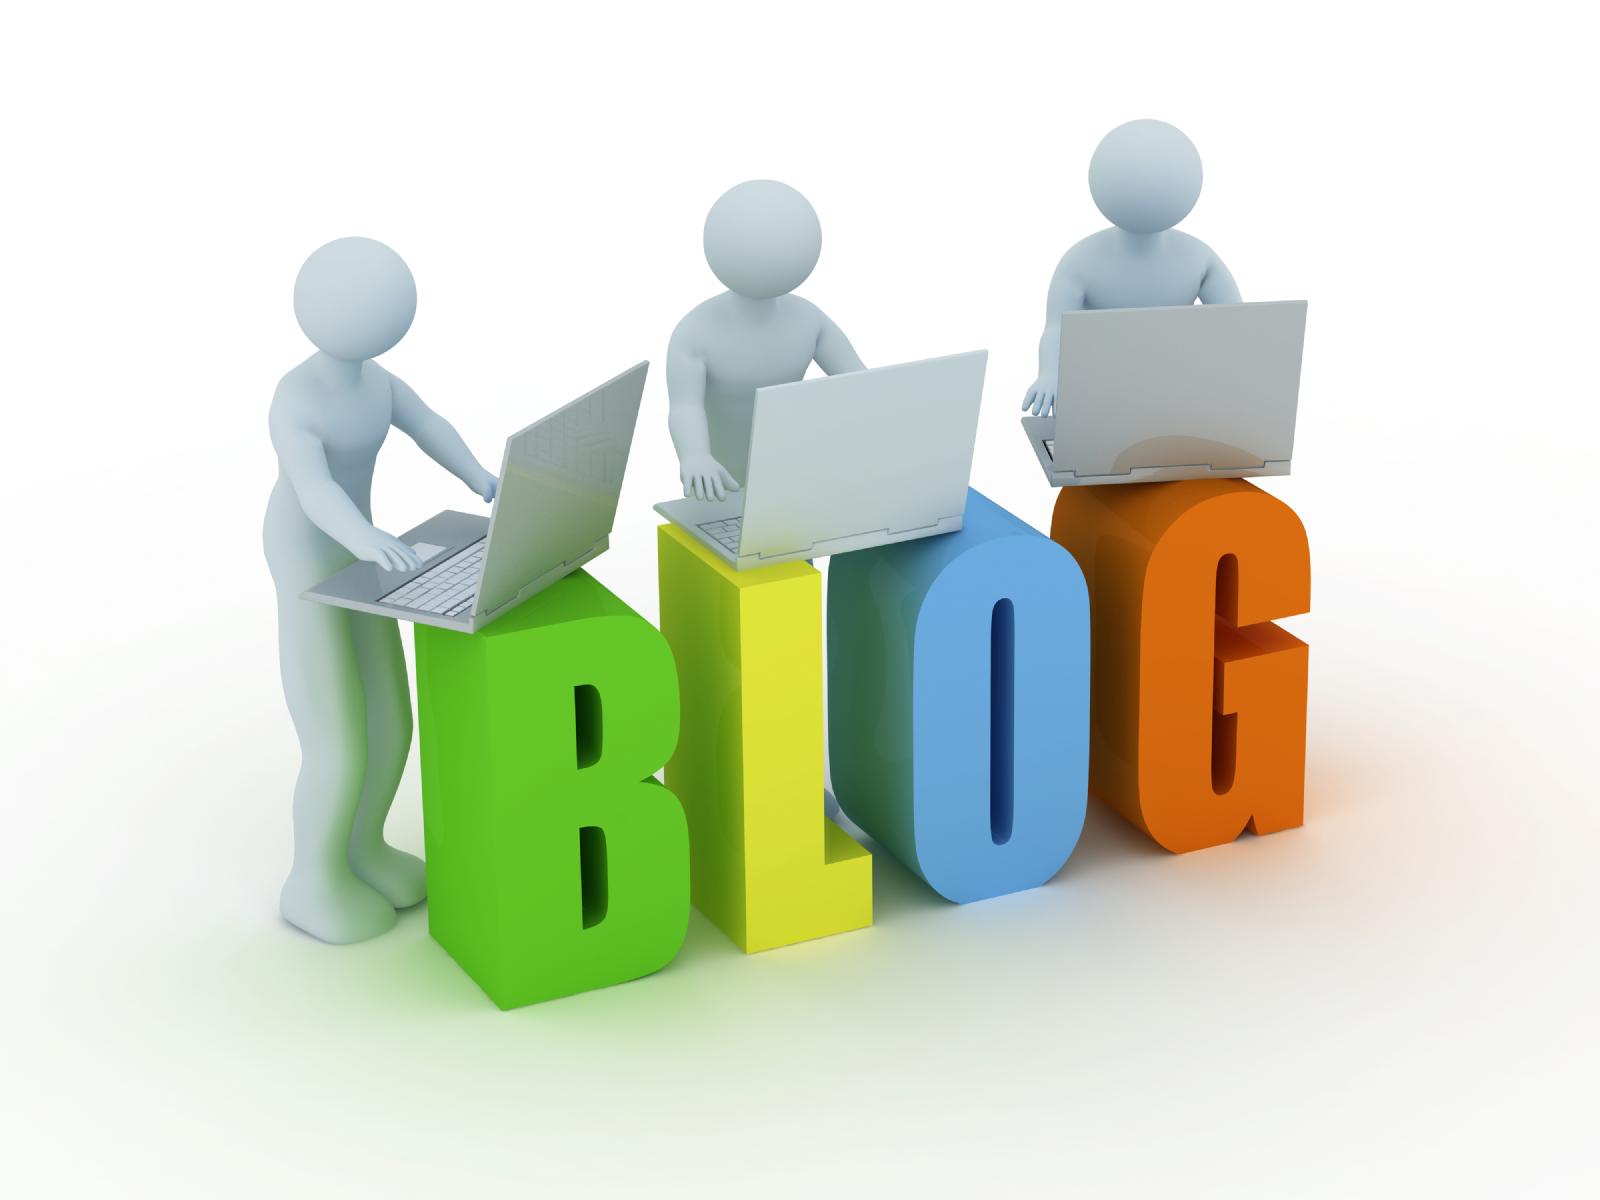 Los mejores blogs de dise o gr fico dobleclic estudio de for Blog arquitectura y diseno